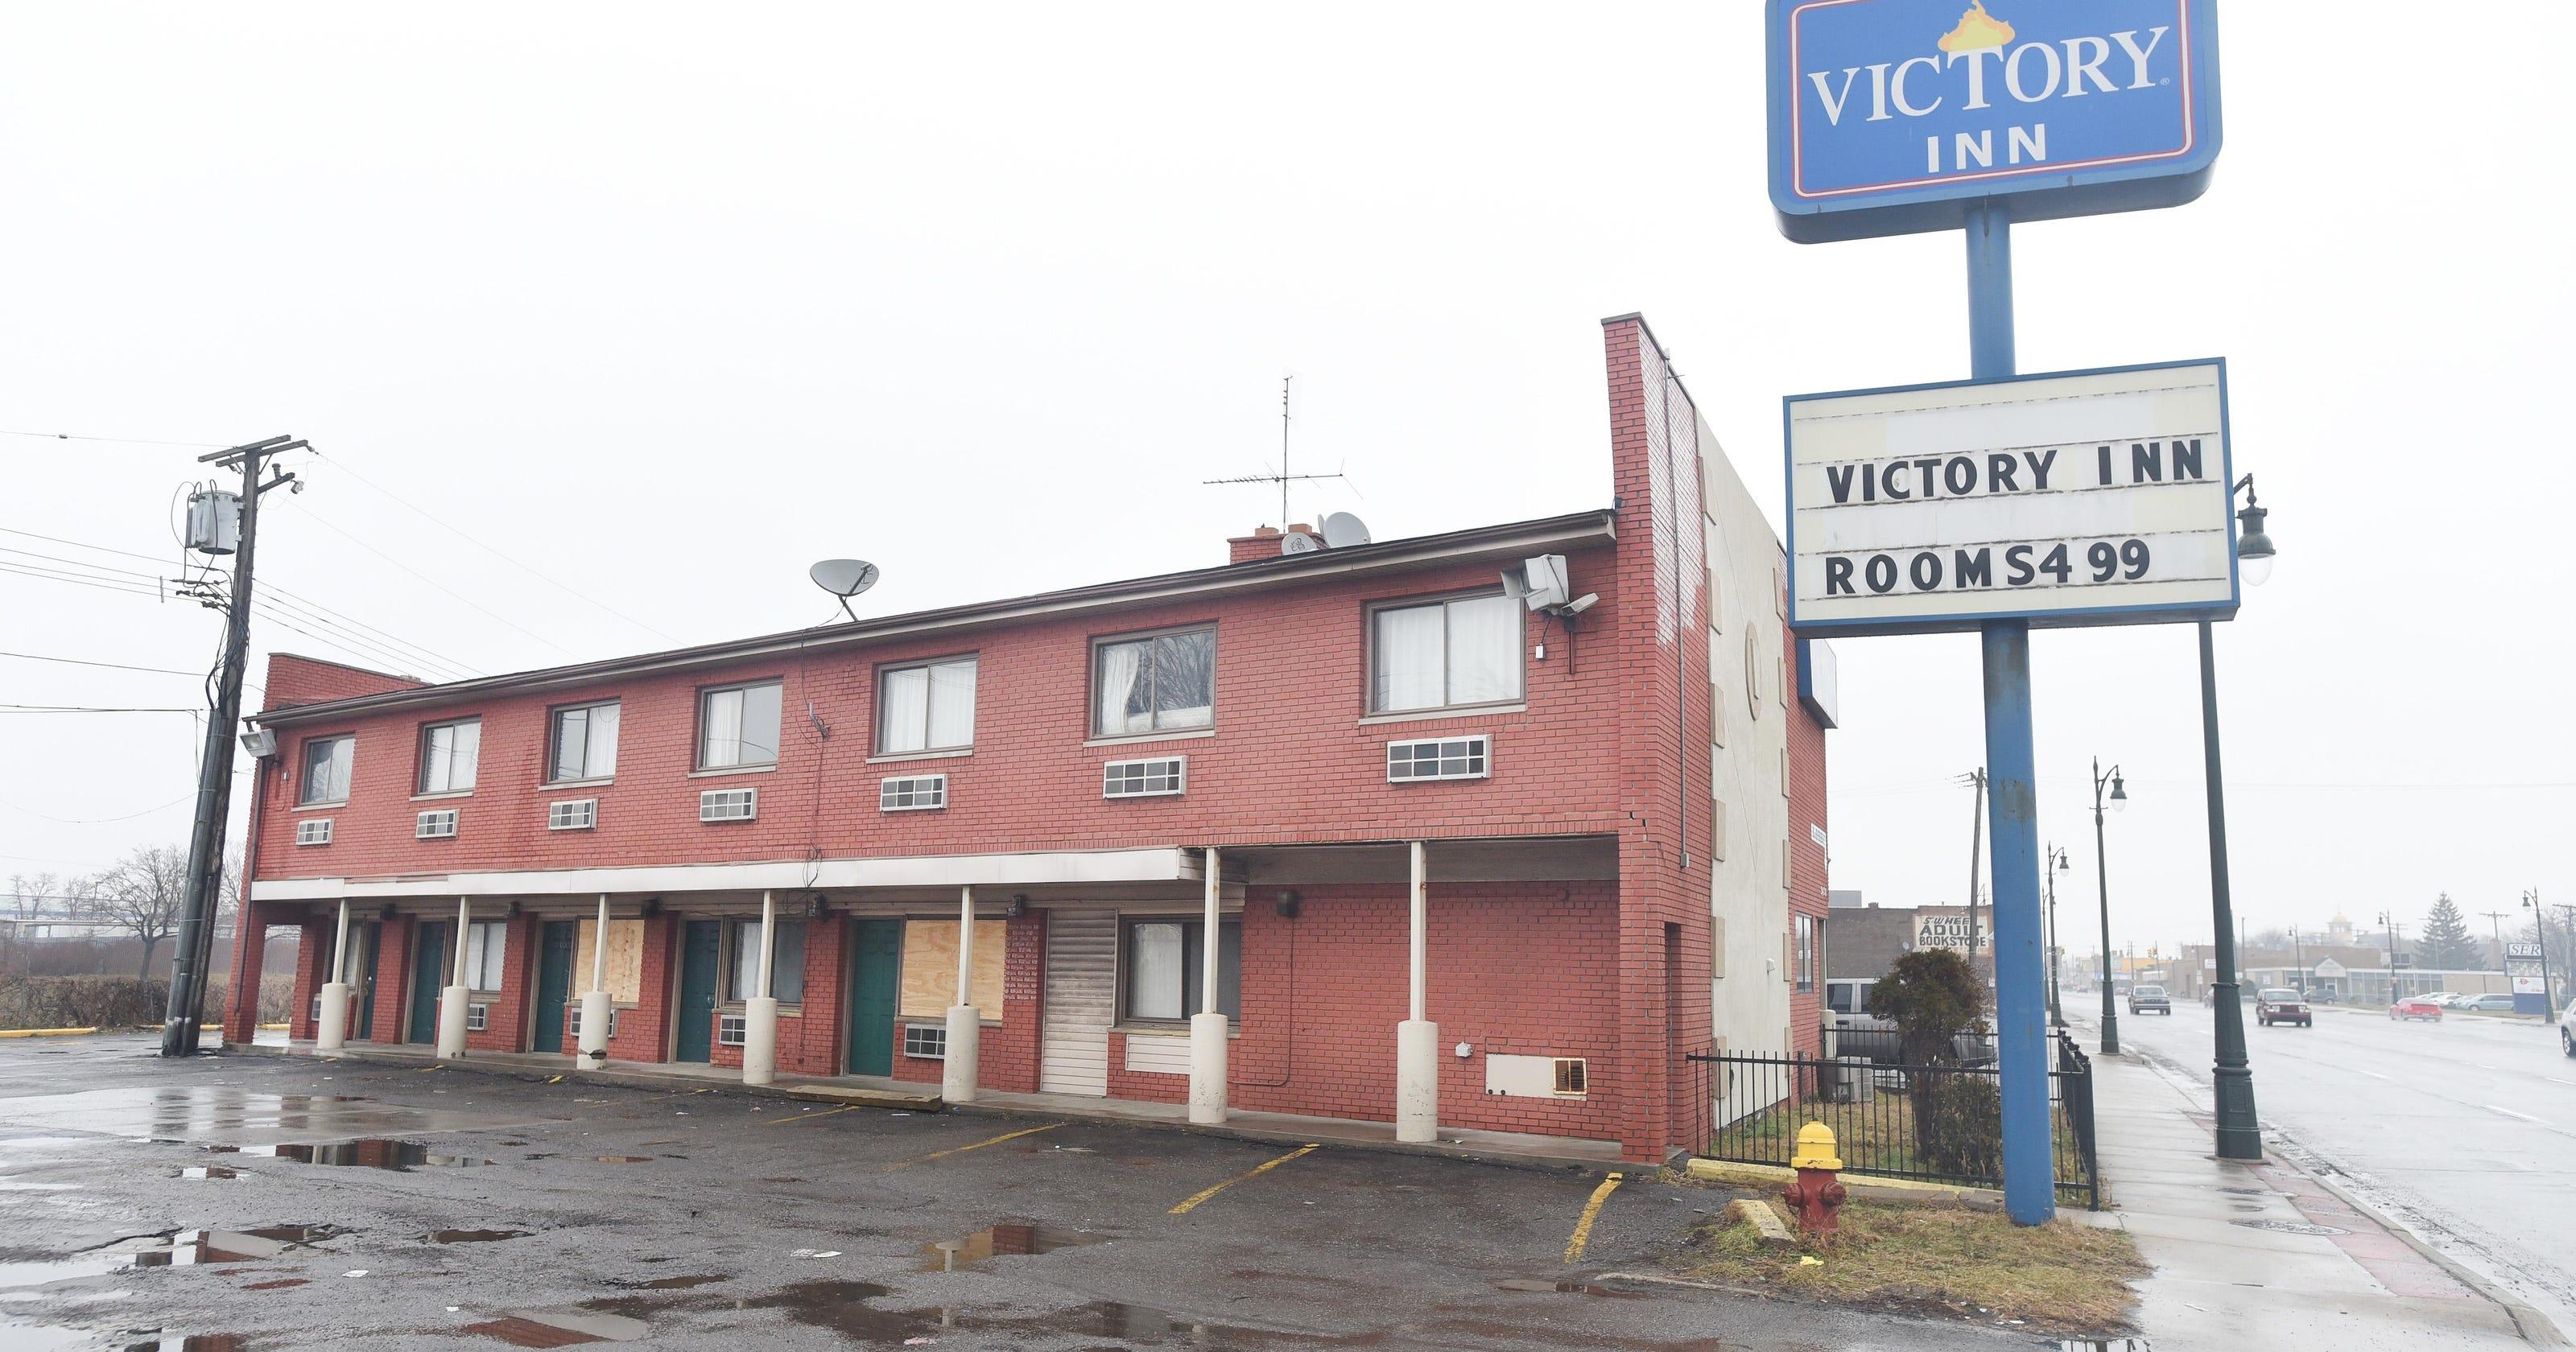 The Raid at Victory Inn